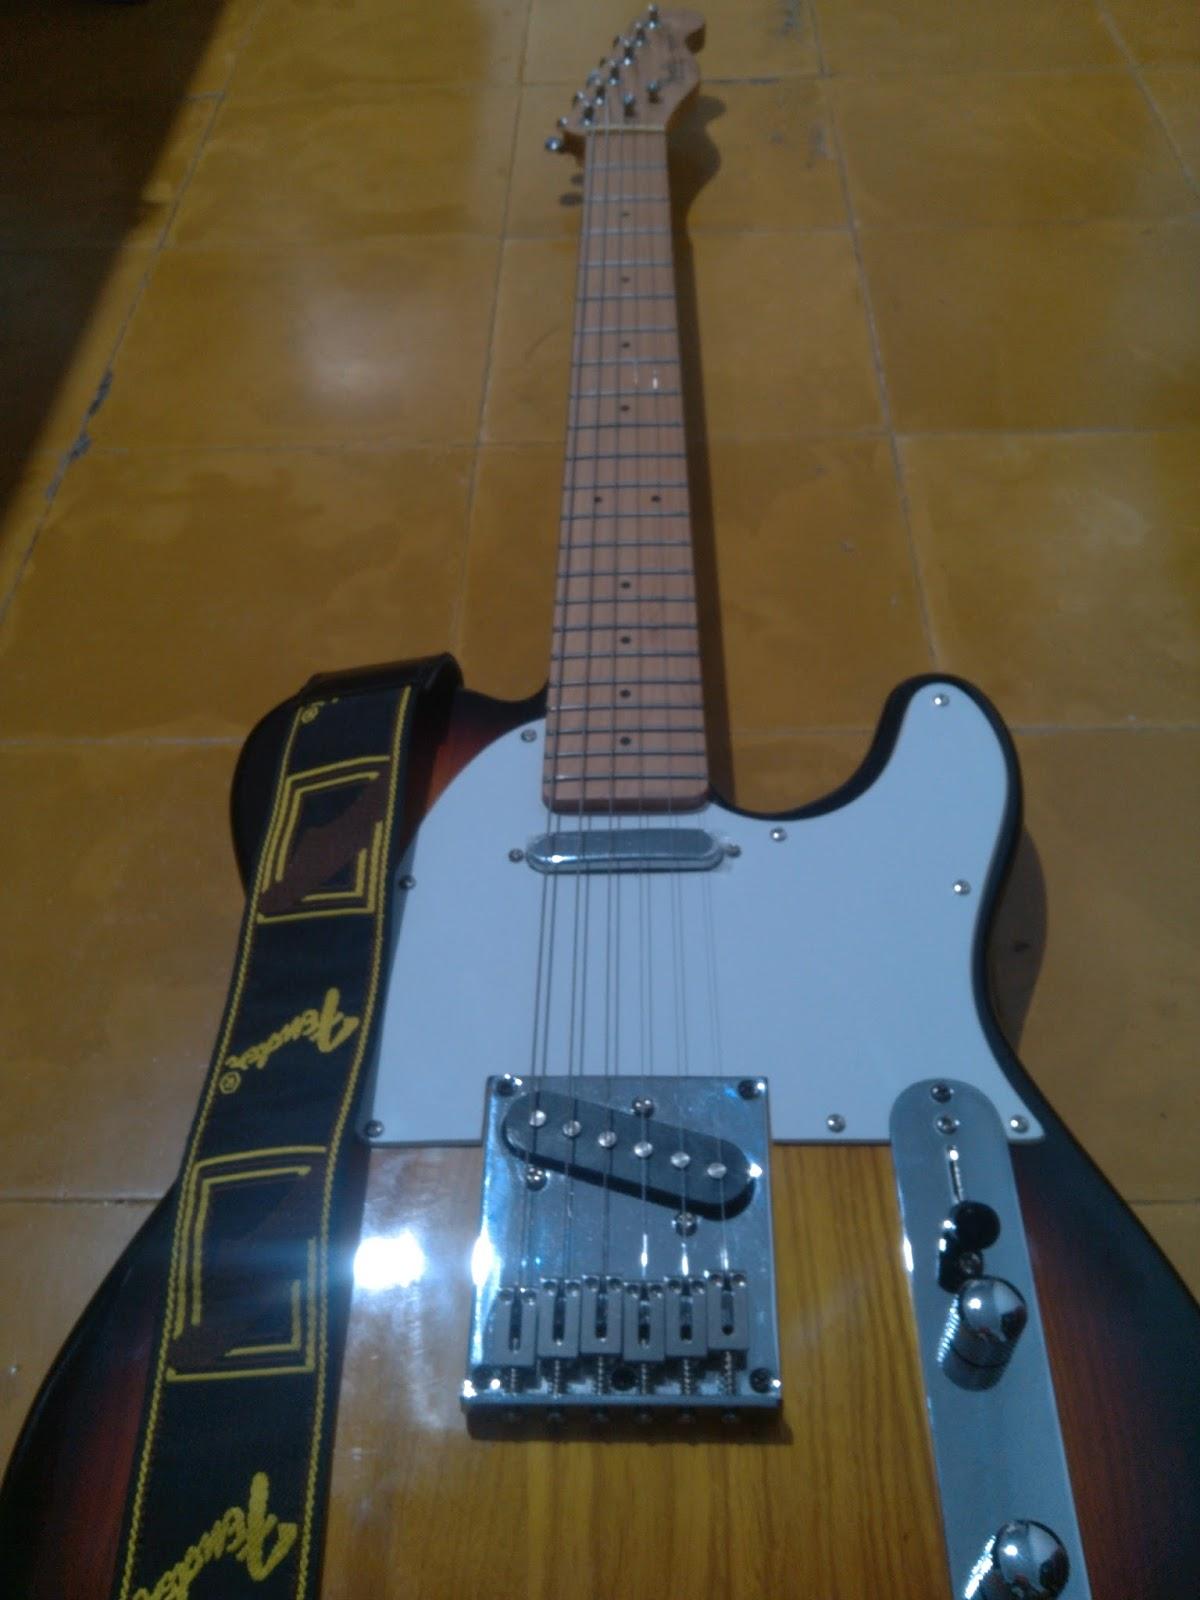 menyulap laptop menjadi efek gitar d shine blog